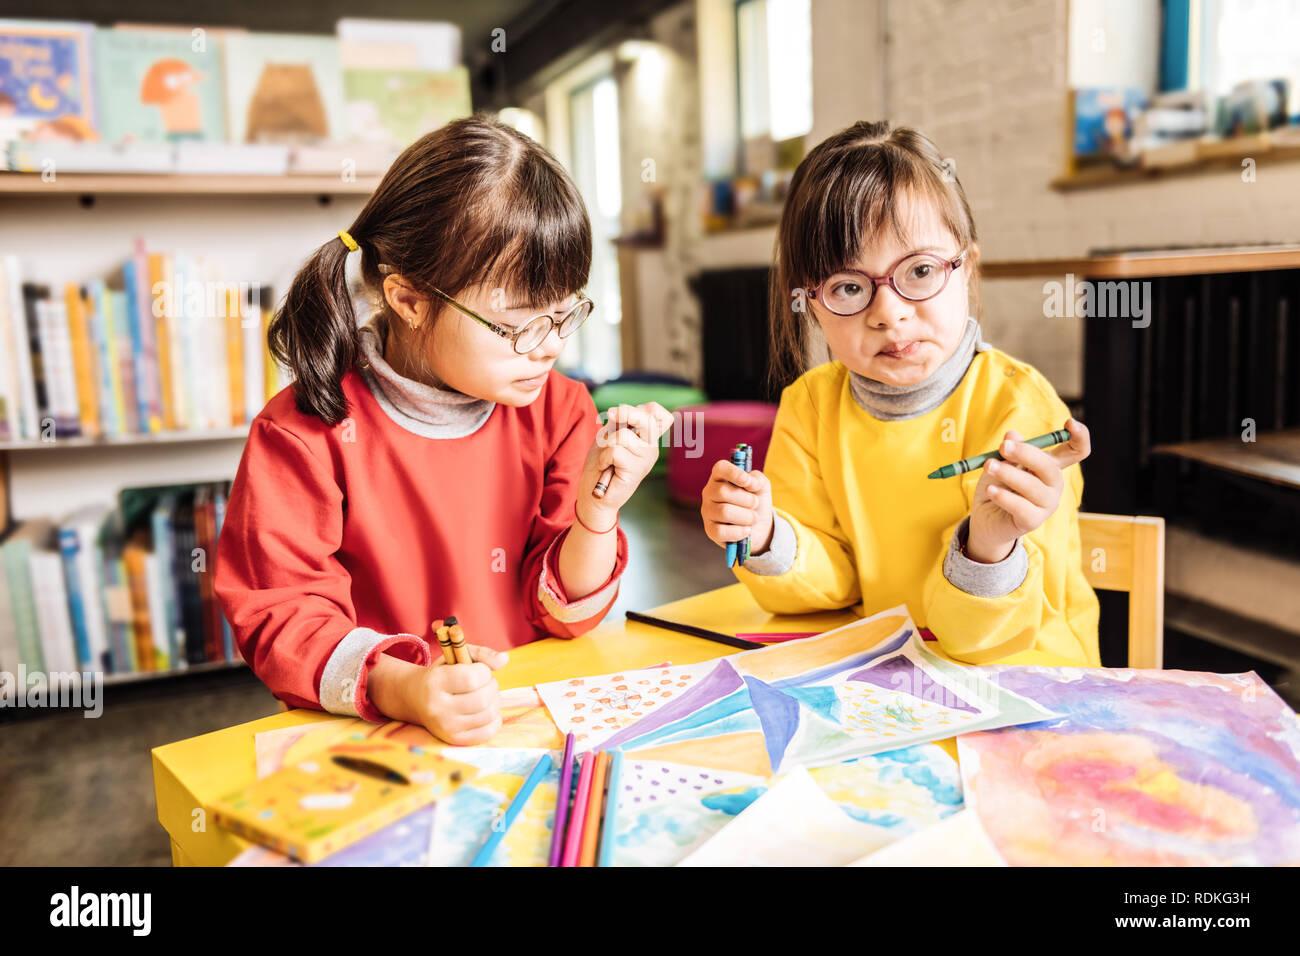 Due ragazze di età prescolare la riproduzione e la colorazione di foto nel centro di riabilitazione Immagini Stock